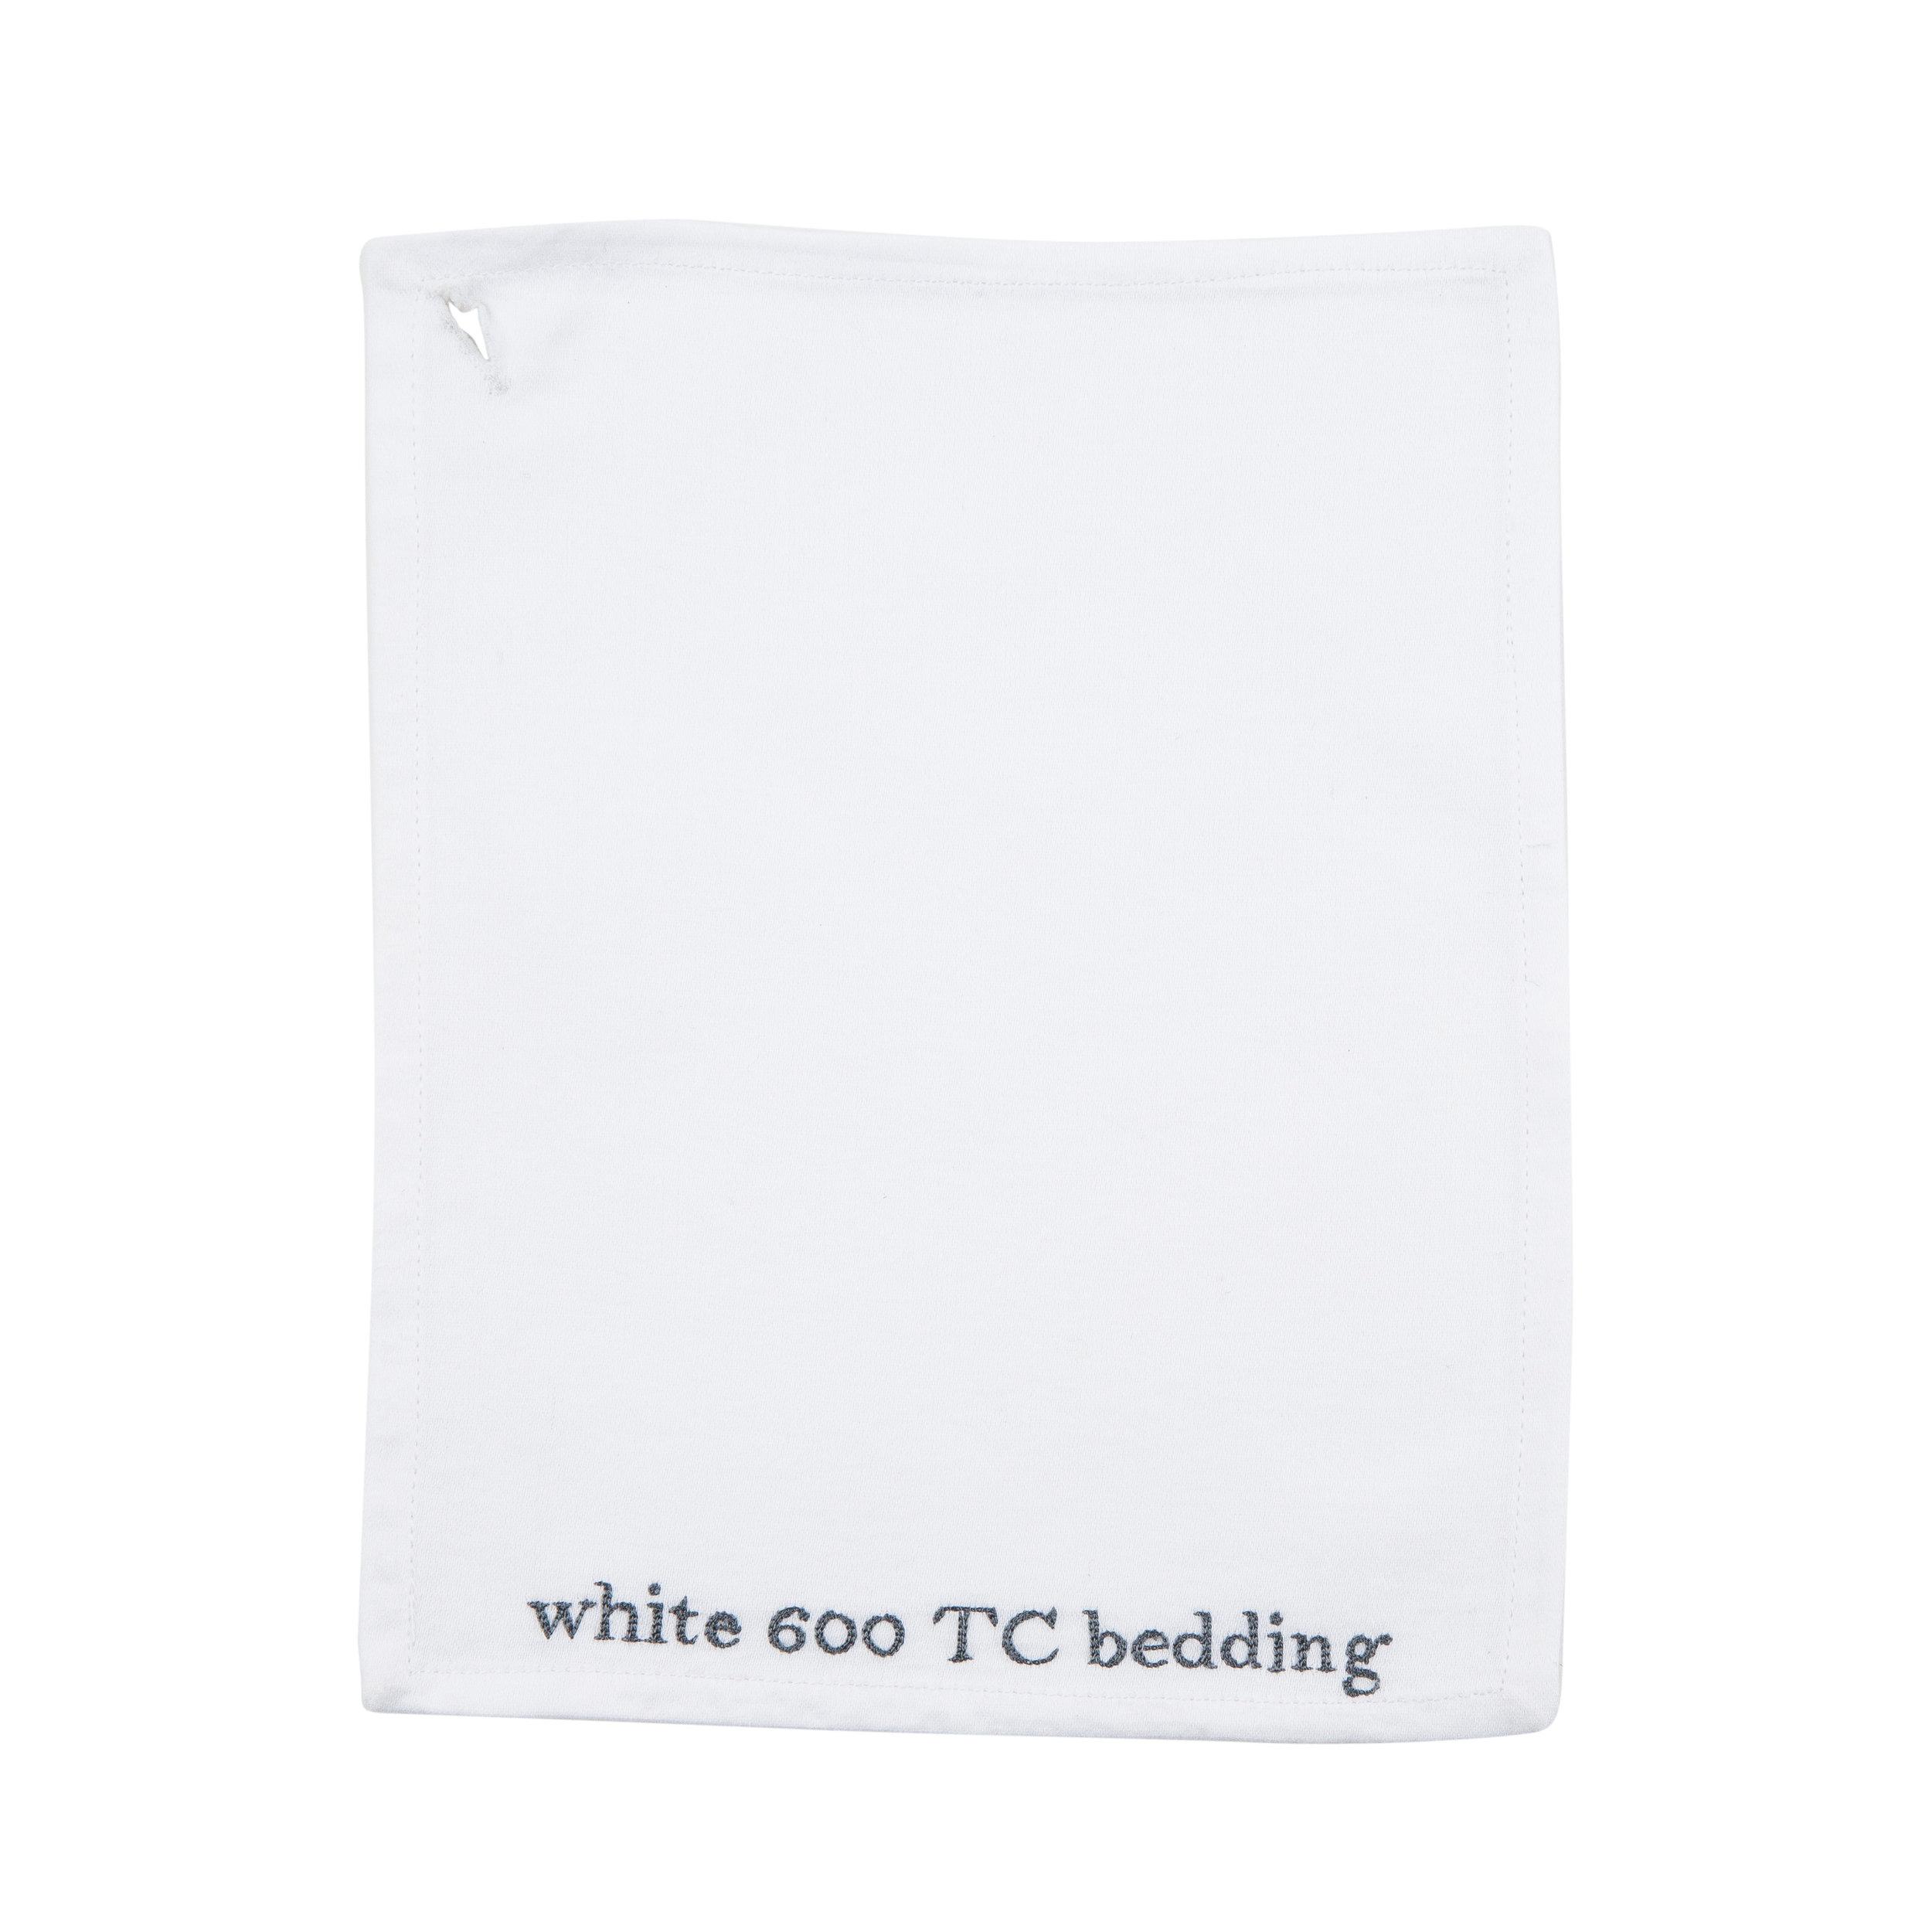 WHITE 600 TC BEDDING